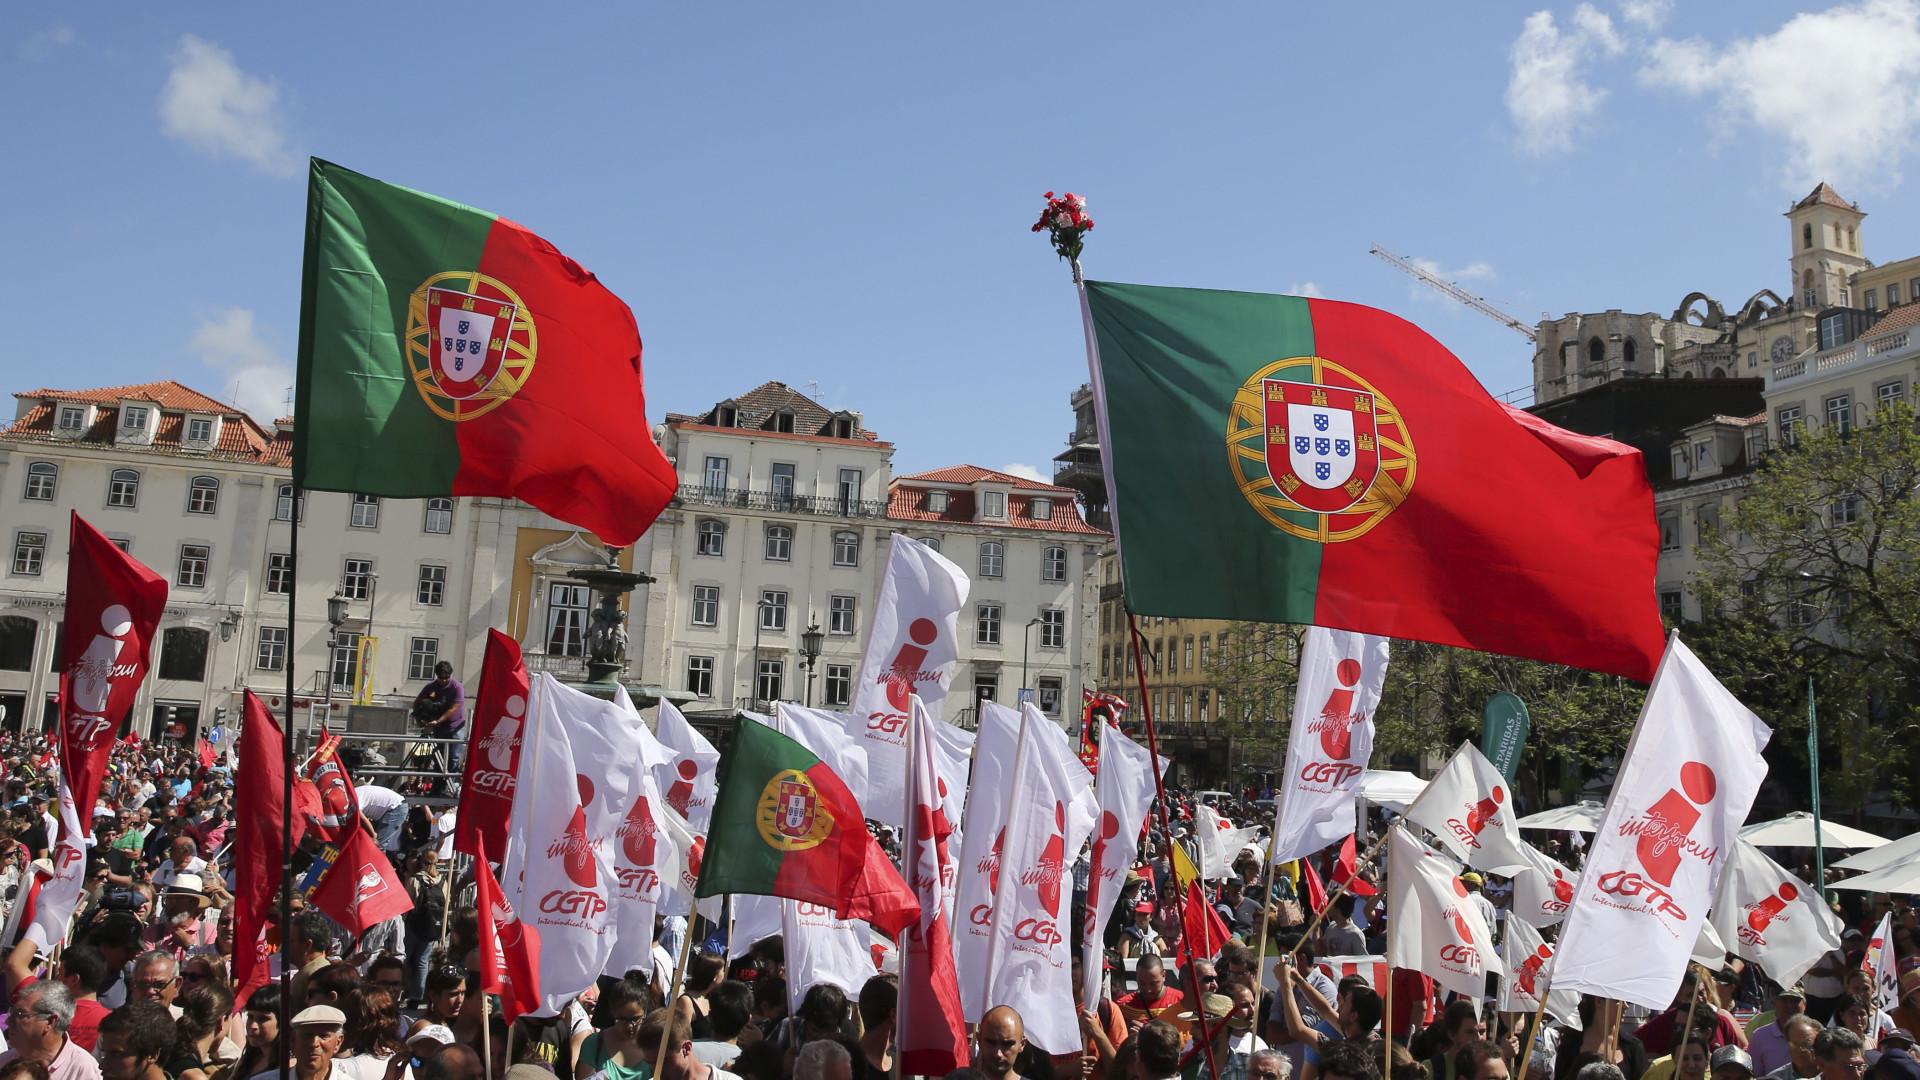 Milhares na manifestação da CGTP pela valorização das pessoas